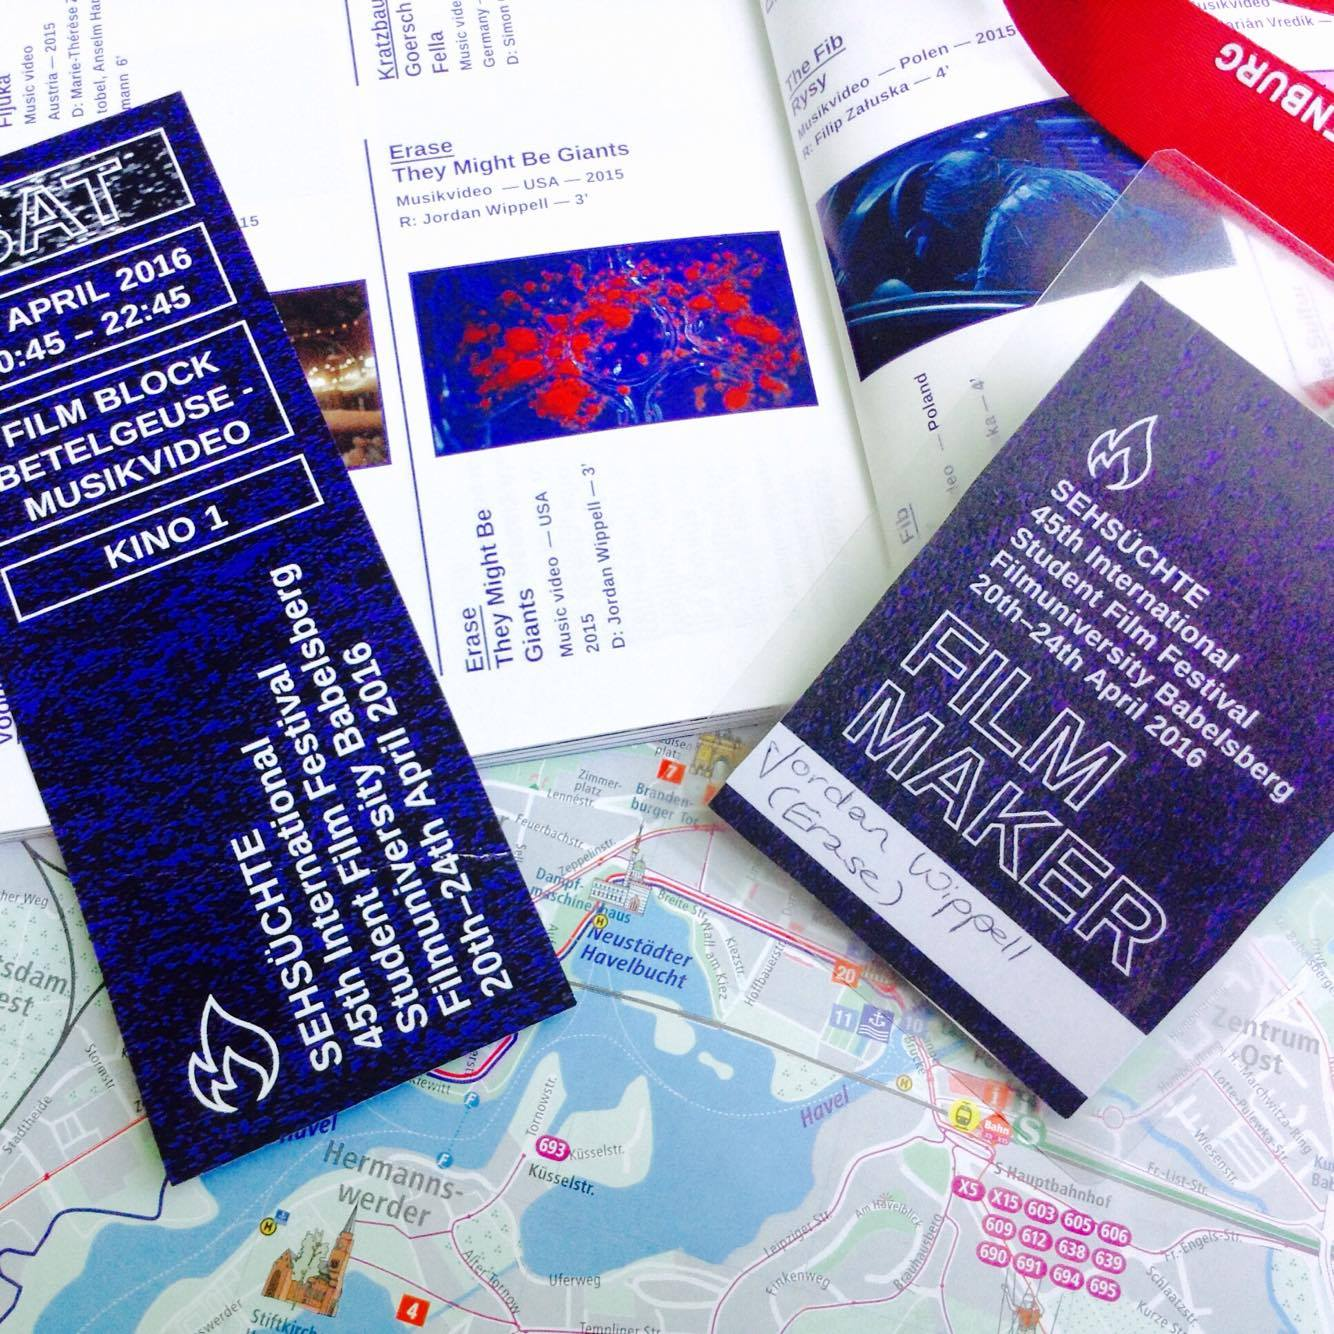 Filmmaker pass, tickets and map.